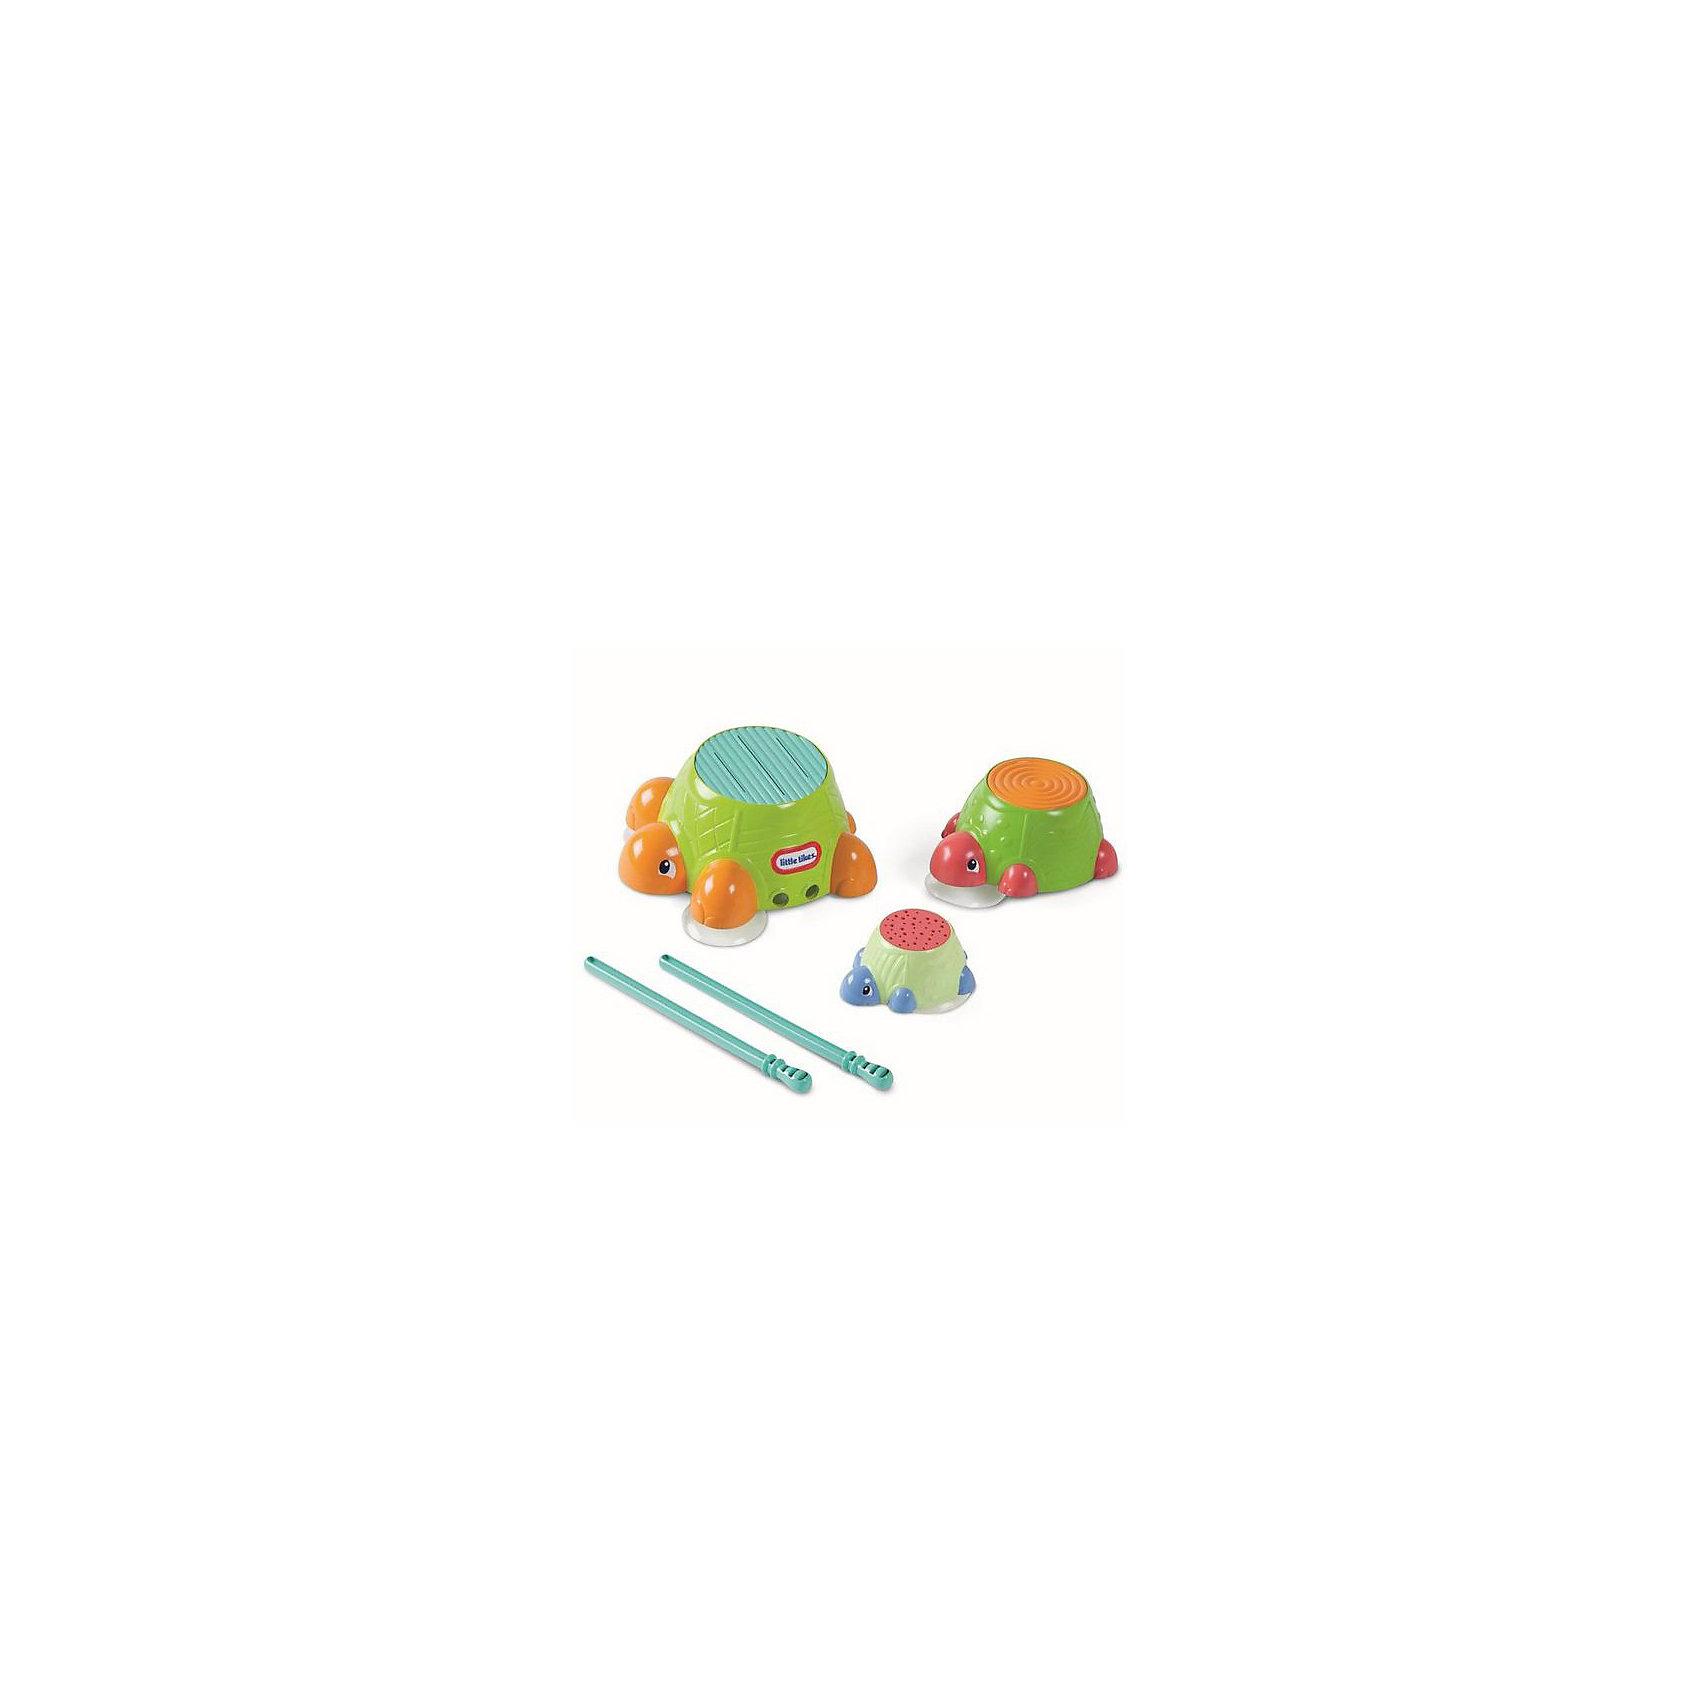 Игрушка для ванной  Черепашки-барабаны Little TikesИгрушка для ванны  Черепашки-барабаны Little Tikes (Литл Тайкс)— это черепашки, по поверхности которых можно громко барабанить! У черепашек рифленые панцири, так что палочками можно не только барабанить по черепашке, но и издавать разные забавные звуки. Черепашки плавают на поверхности воды или могут быть прикреплены к стене. Вкладываются друг в друга. Барабанные палочки можно хранить в животе черепахи.<br><br>Черепашки-барабаны Little Tikes станут прекрасным развлечением для самых маленьких детей!<br><br>Дополнительная информация:<br><br>- В комплекте: 3 черепахи, барабанные палочки 2 шт.<br>- Материал: пластик<br>- Питание: батарейки не требуются.<br>- Размеры: (Д)9 Х (Ш)20,5 Х (В)32,5 см  <br>- Вес: 393 г<br><br>Игрушку для ванны  Черепашки-барабаны Little Tikes можно купить в нашем интернет-магазине.<br><br>Ширина мм: 90<br>Глубина мм: 205<br>Высота мм: 325<br>Вес г: 393<br>Возраст от месяцев: 36<br>Возраст до месяцев: 96<br>Пол: Унисекс<br>Возраст: Детский<br>SKU: 3328148